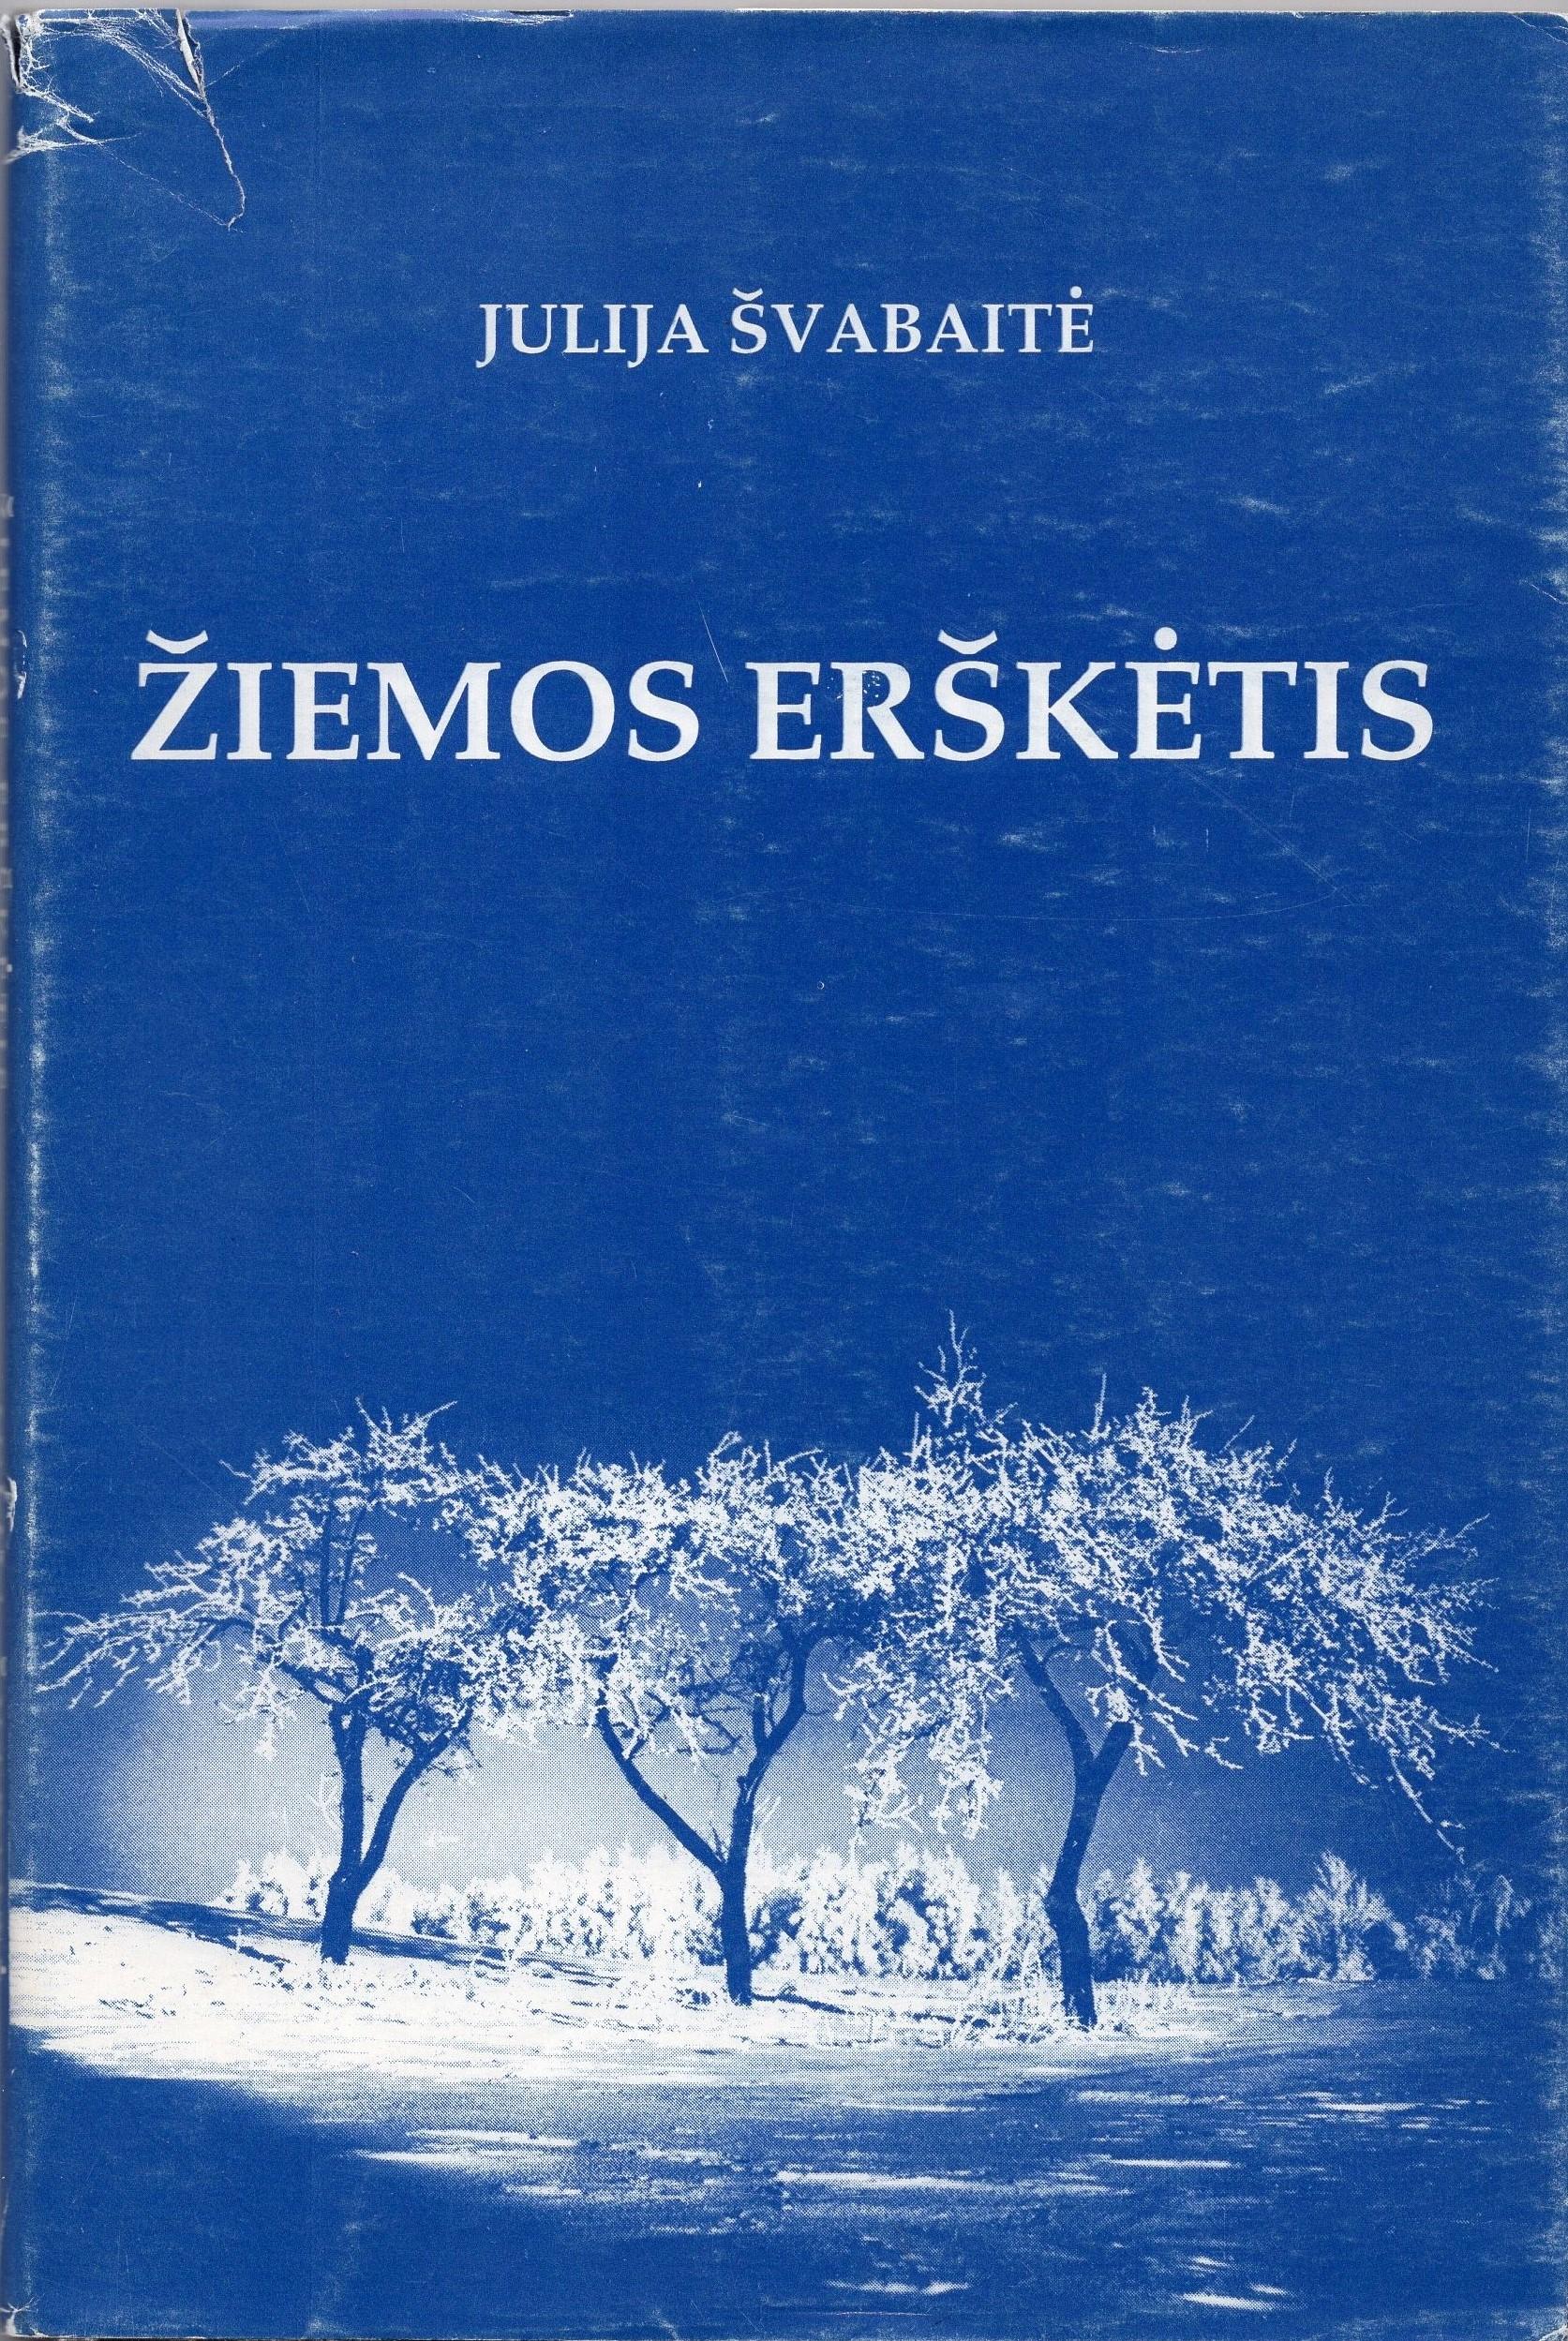 """J. Švabaitė. """"Žiemos erškėtis"""". Lietuviškos knygos klubas, 1994 m."""